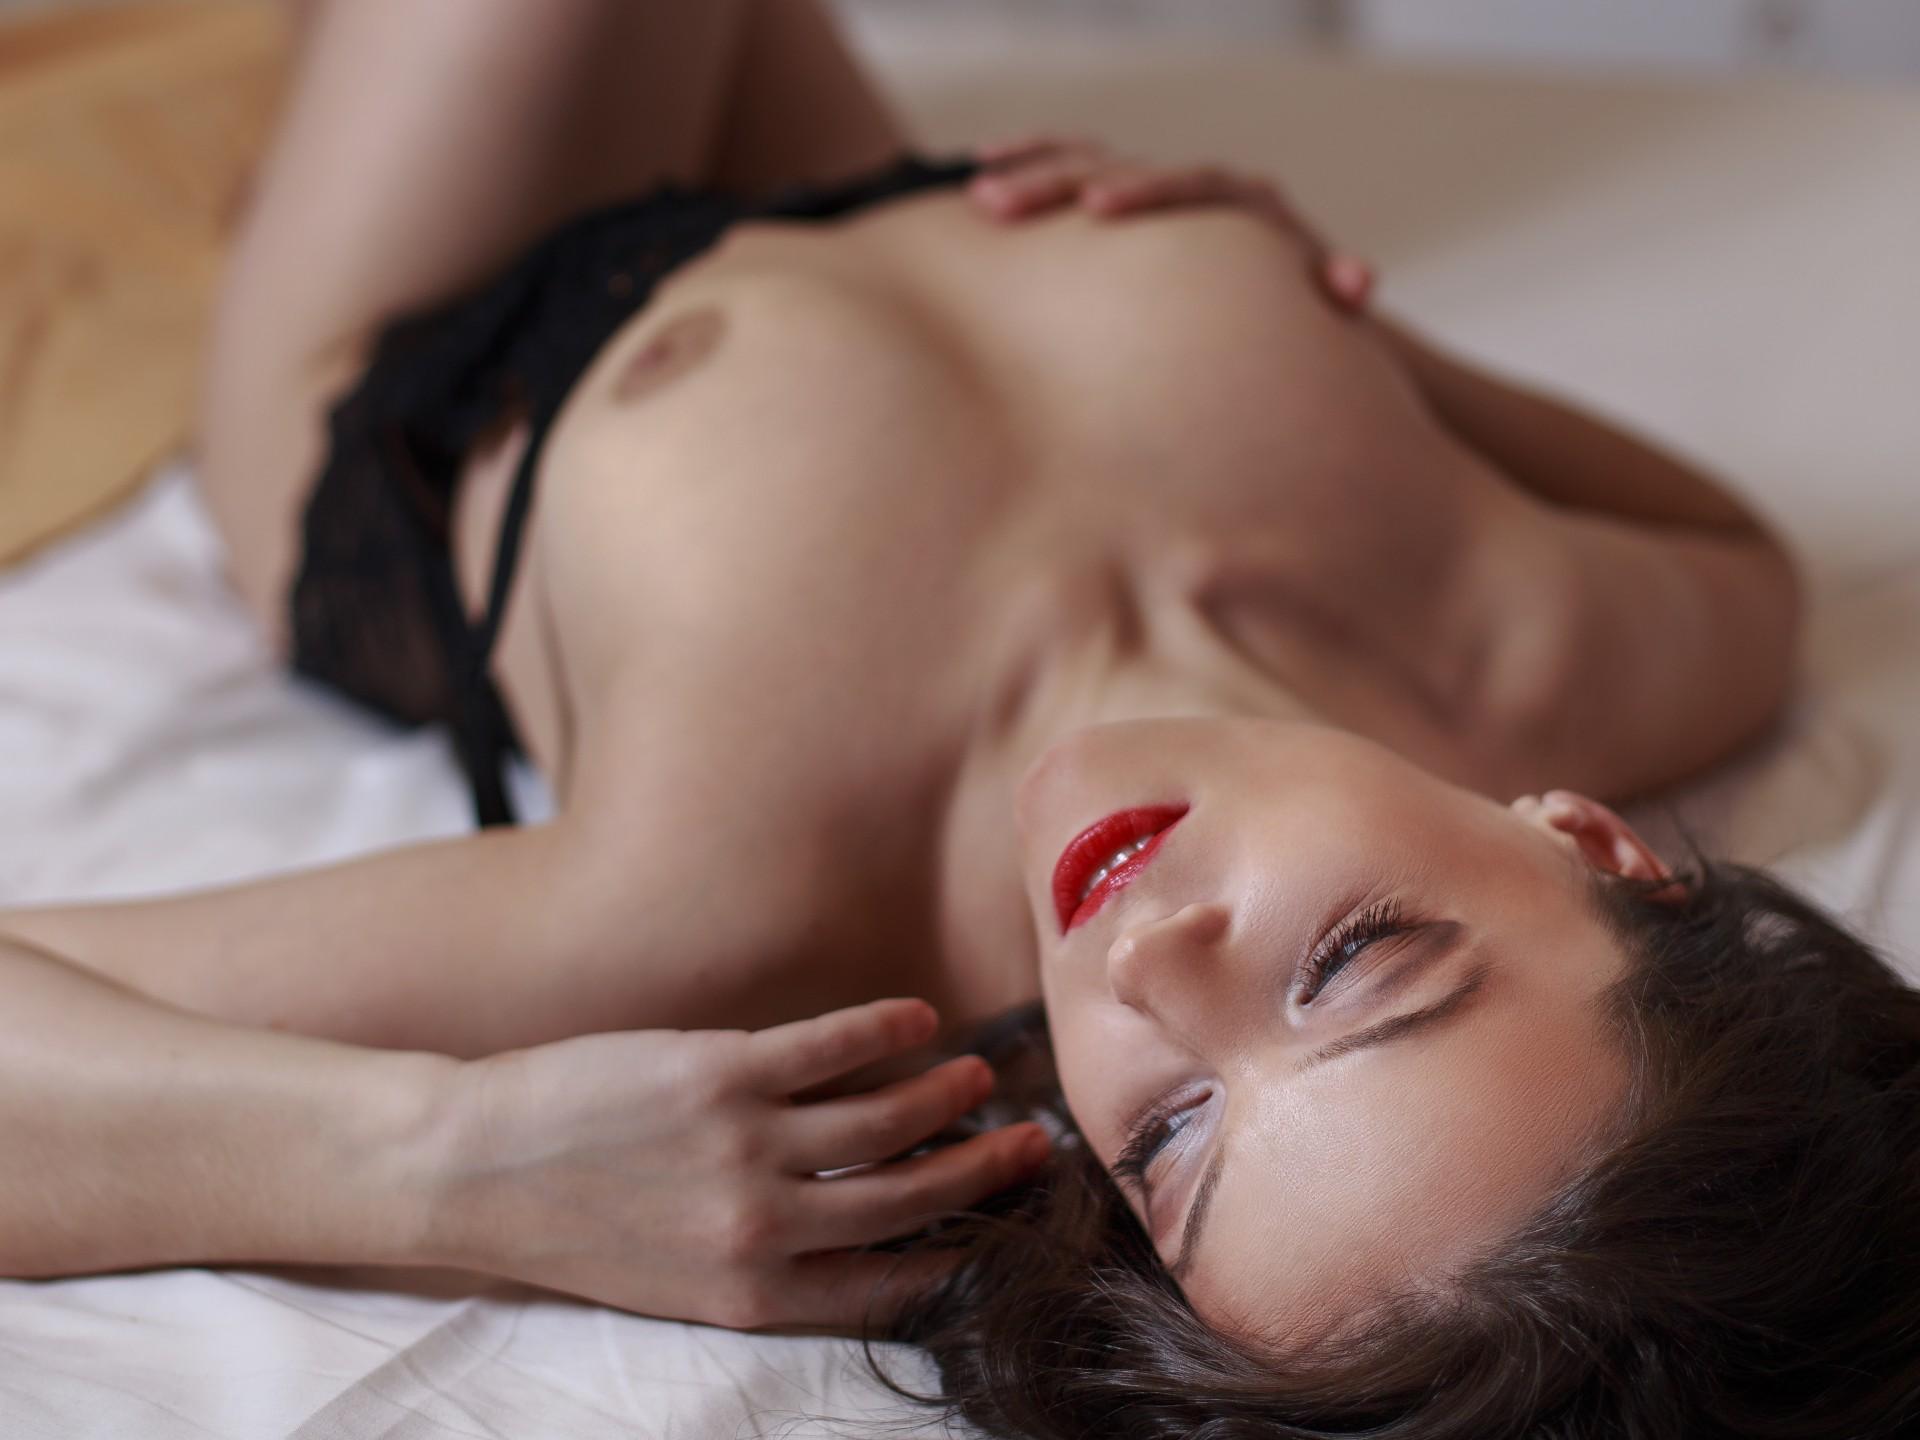 stundenhotel zwickau sexspielzeug penisring